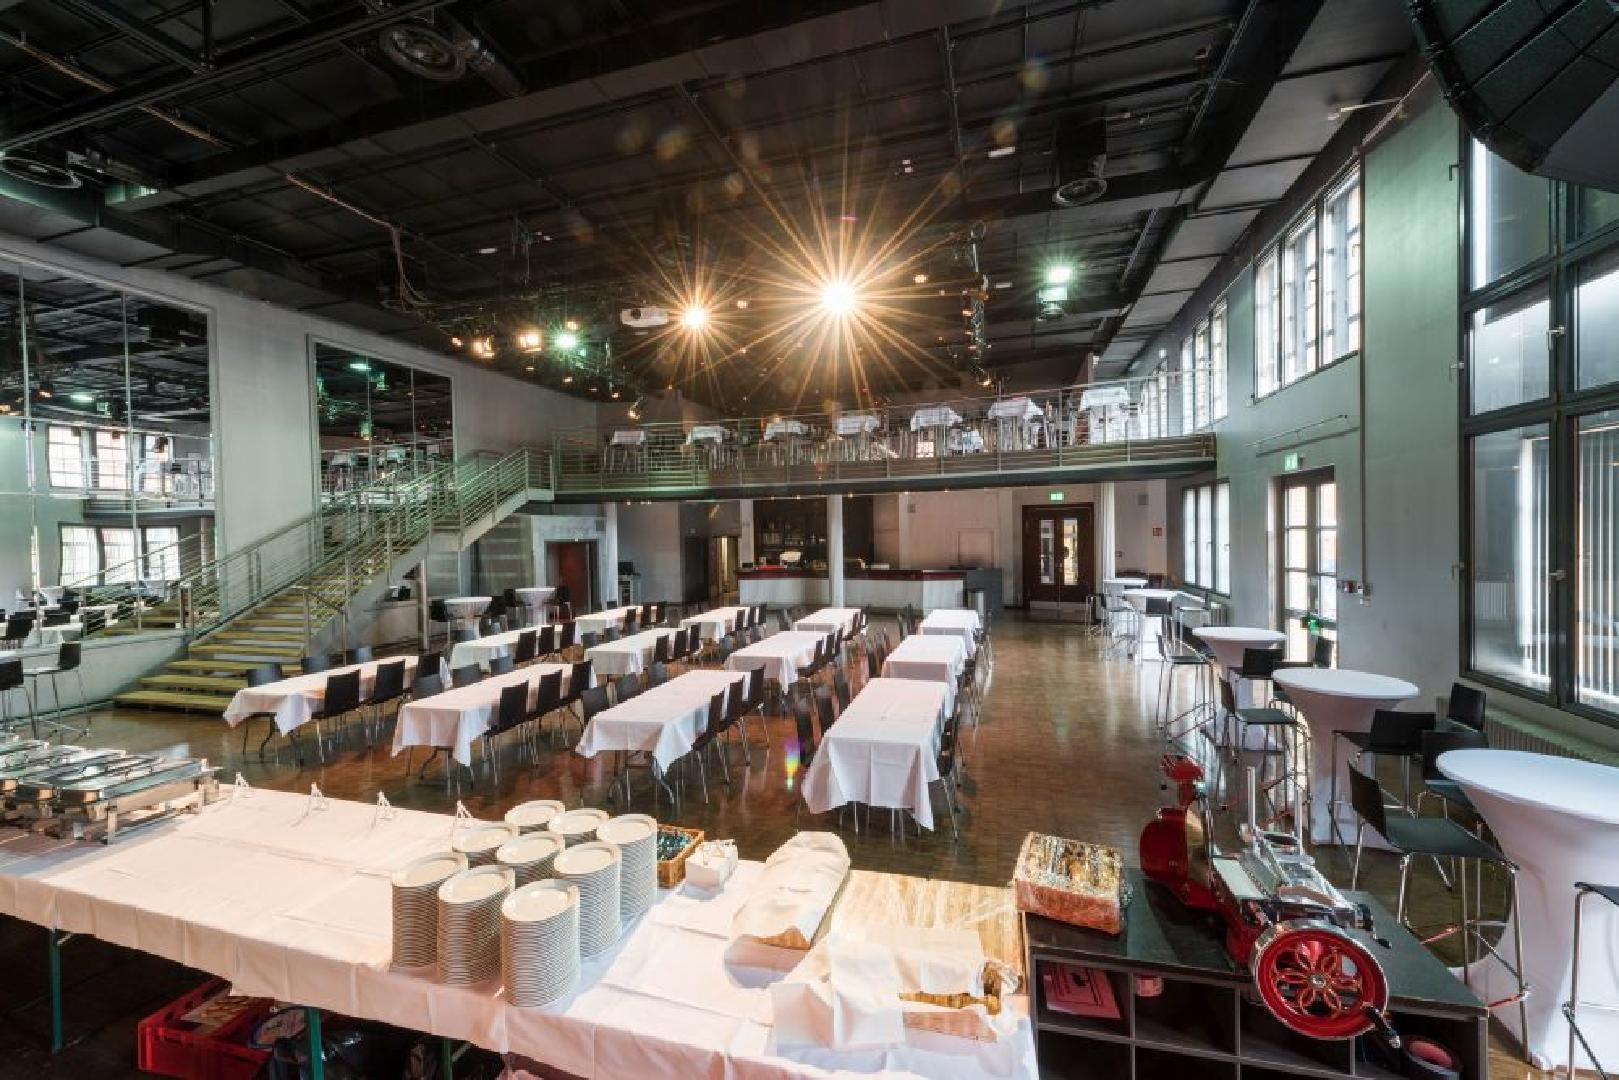 Mittagspause im Palais mit Tafeltischen für 250 Personen